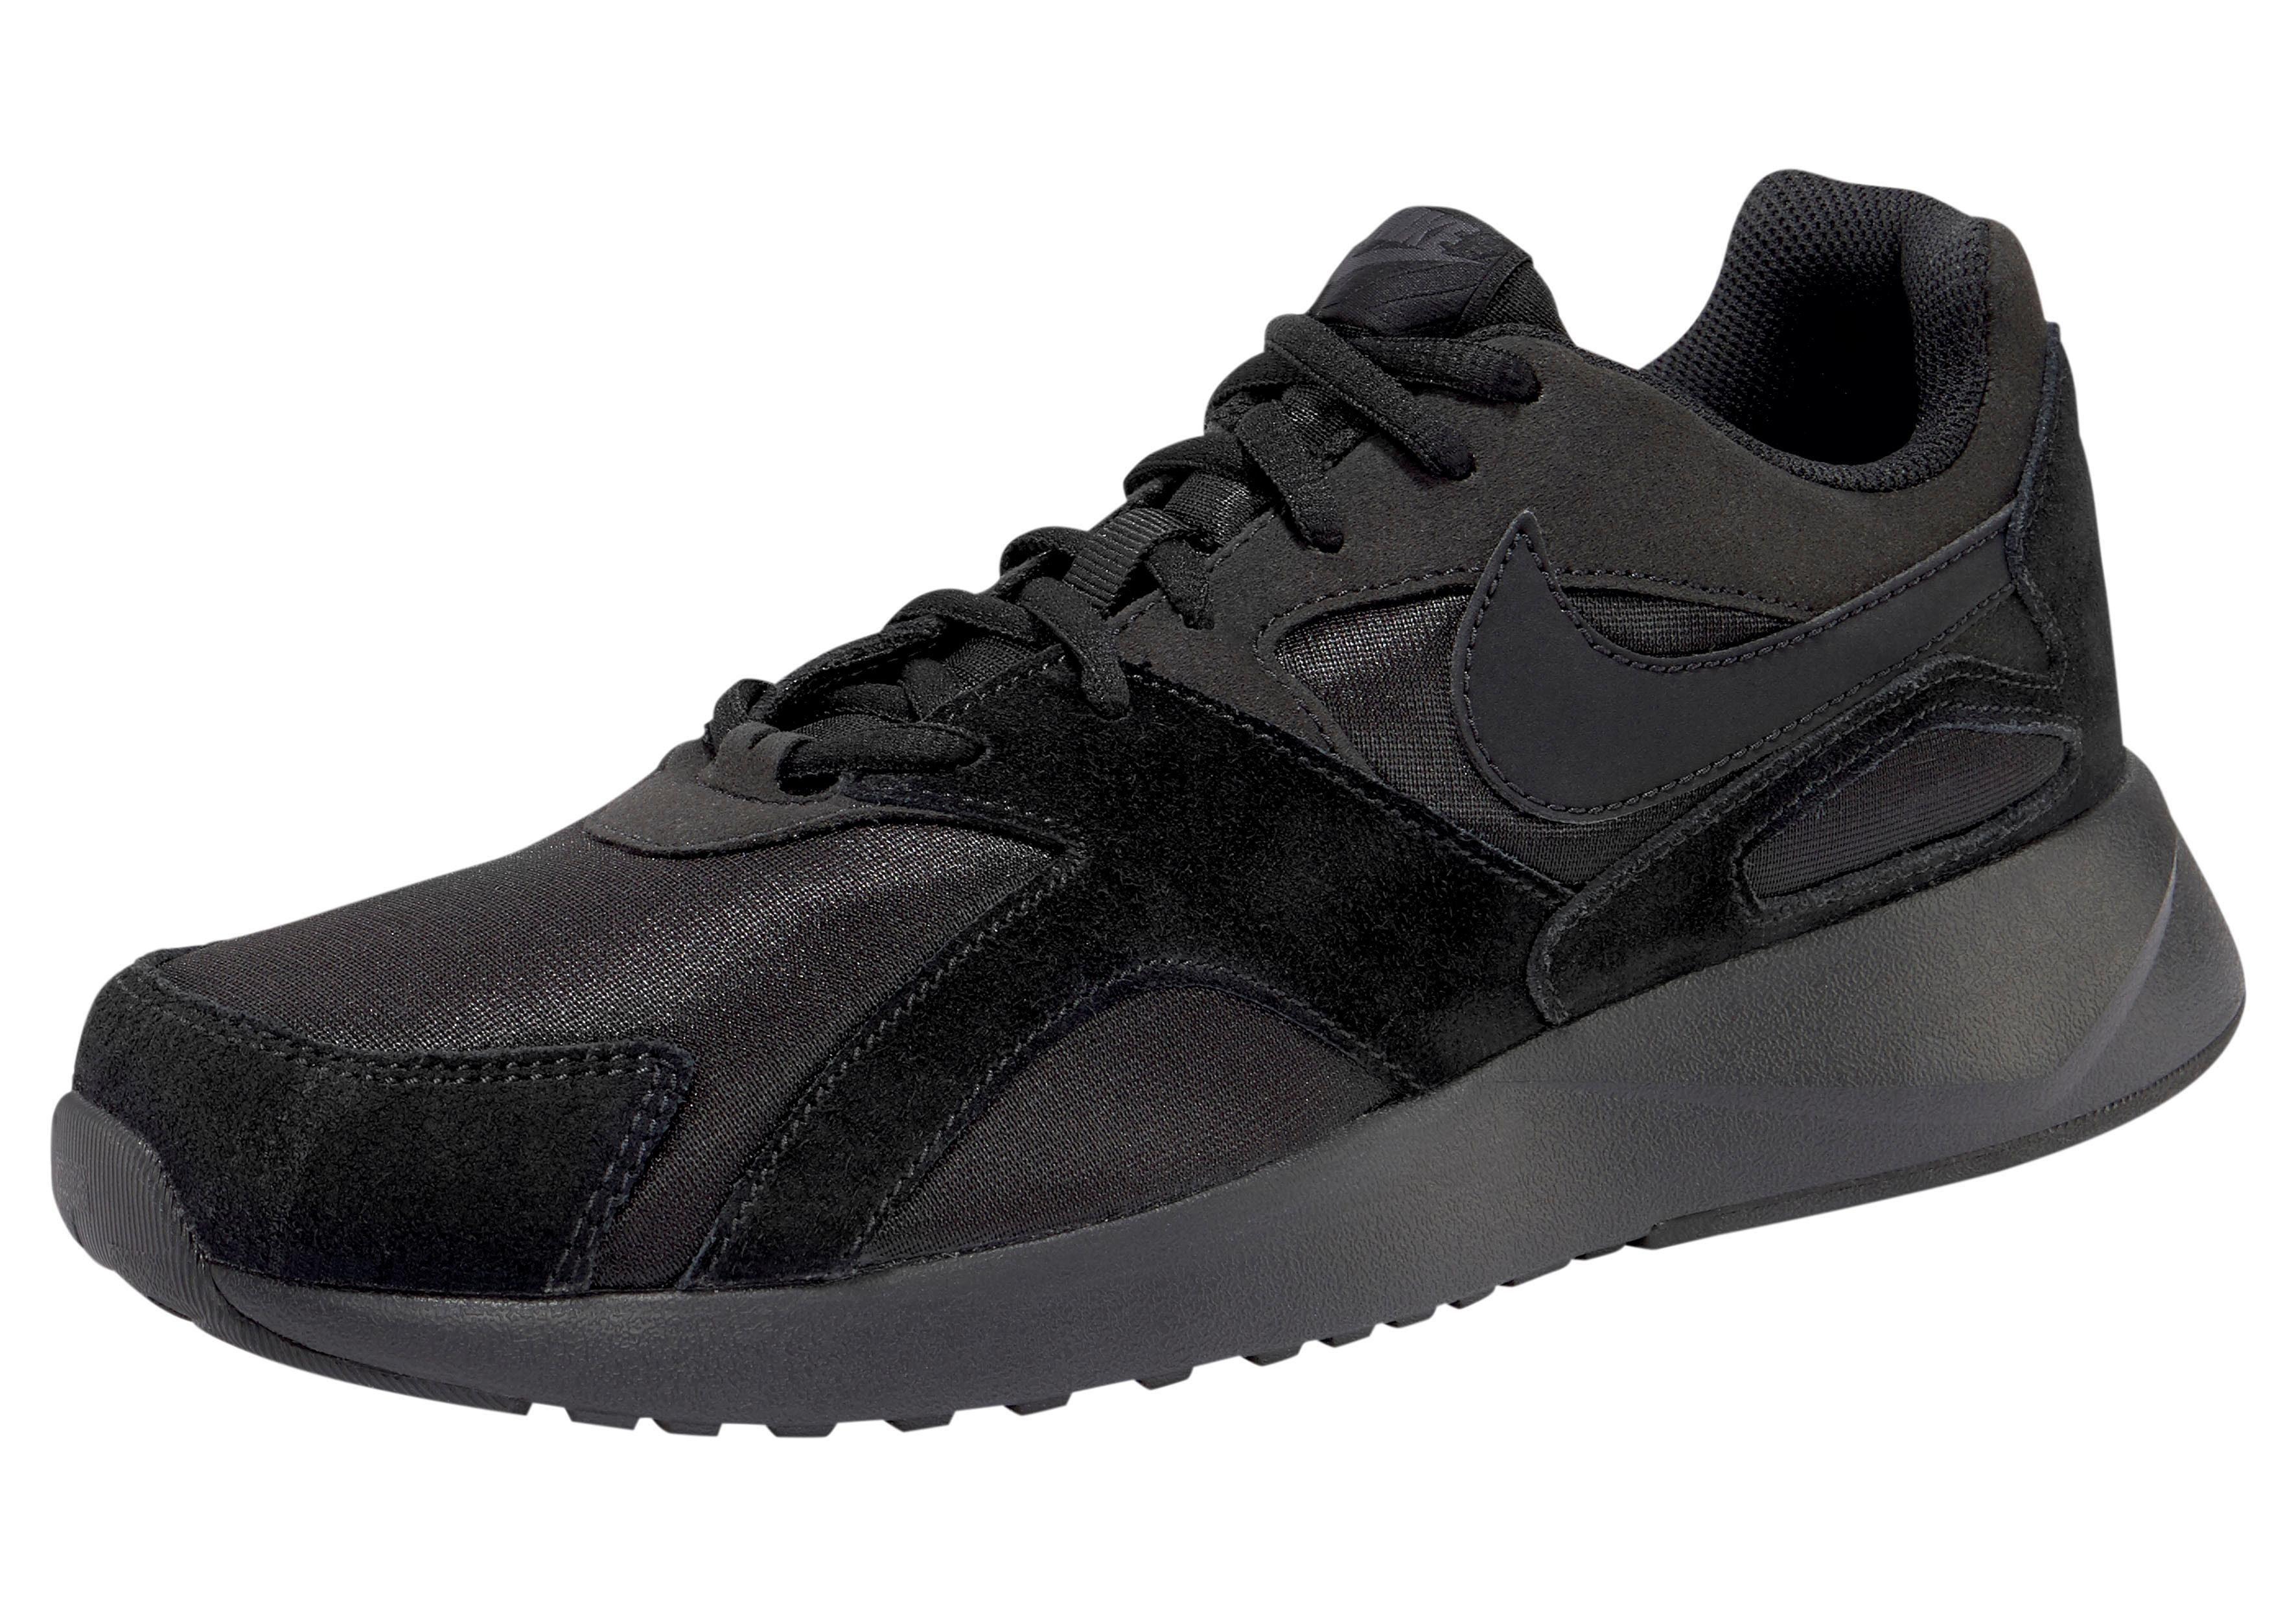 Nike Sportswear »Pantheos« Sneaker, Obermaterialmix aus Leder und atmungsaktivem Mesh online kaufen   OTTO